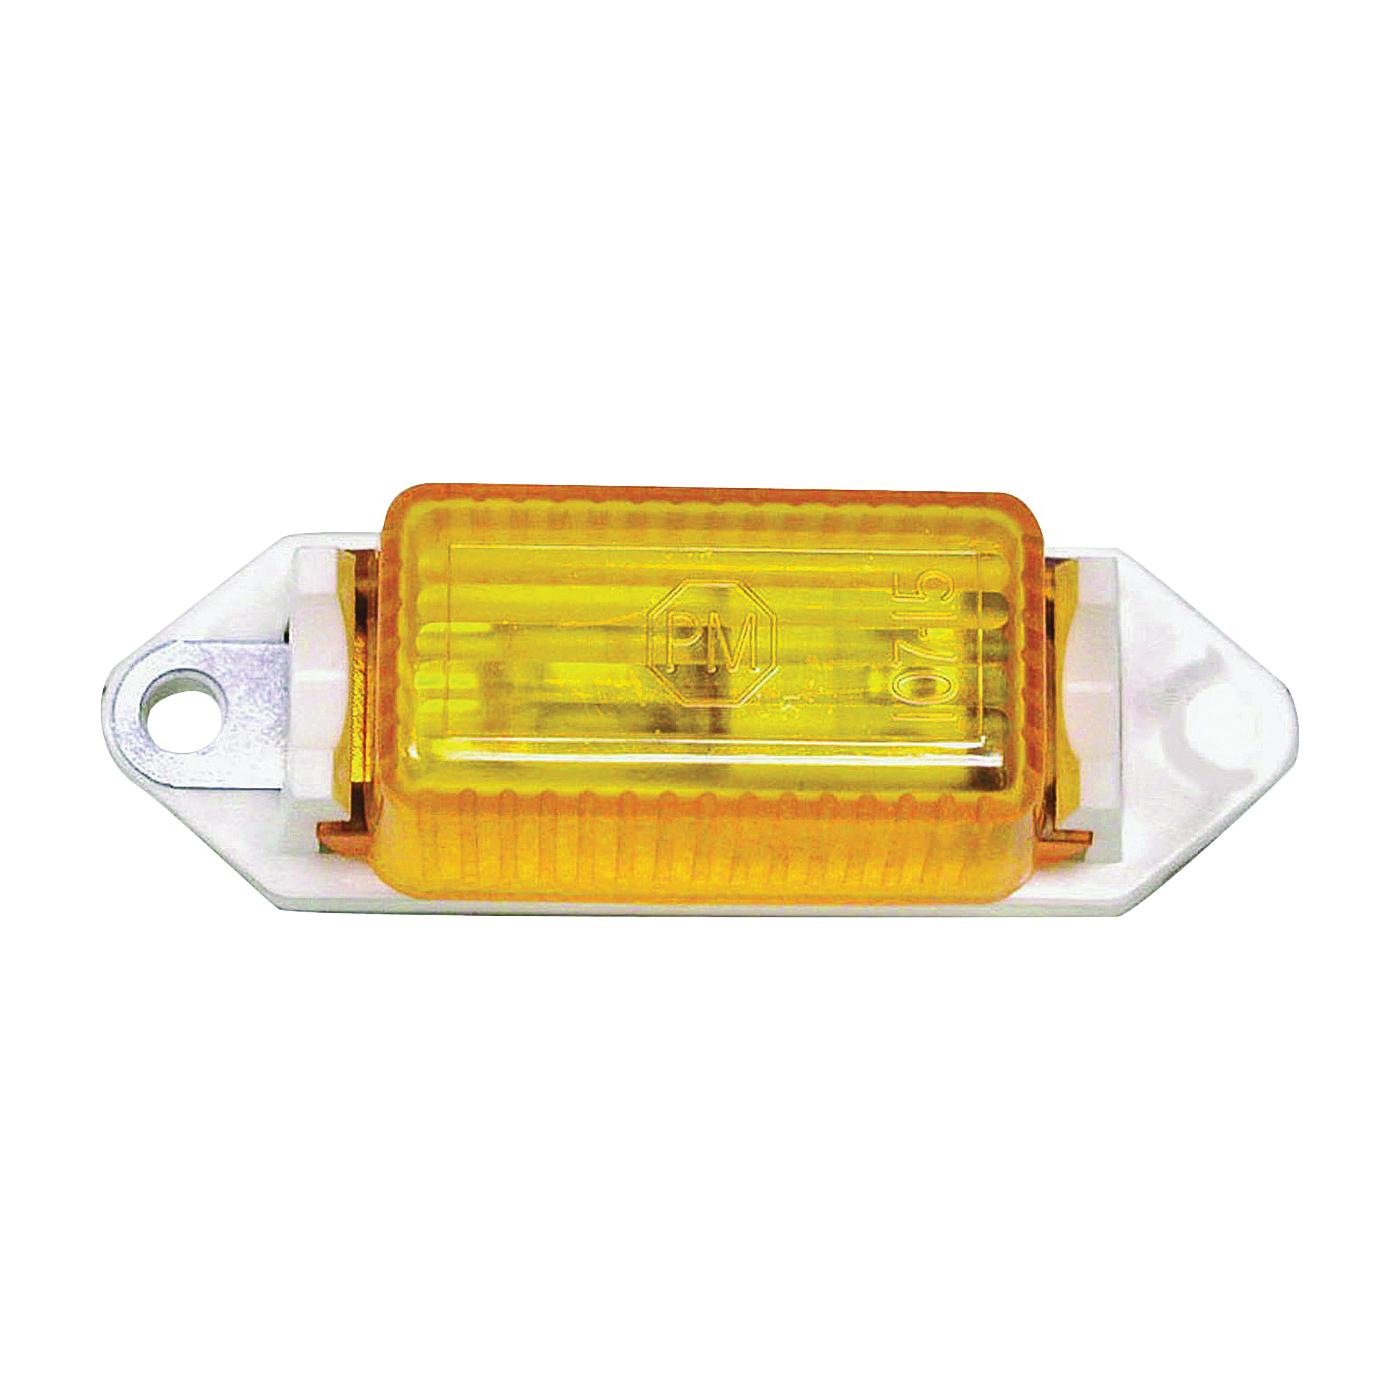 Picture of PM V107WA Marker Light, 24 V, Incandescent Lamp, Amber Lamp